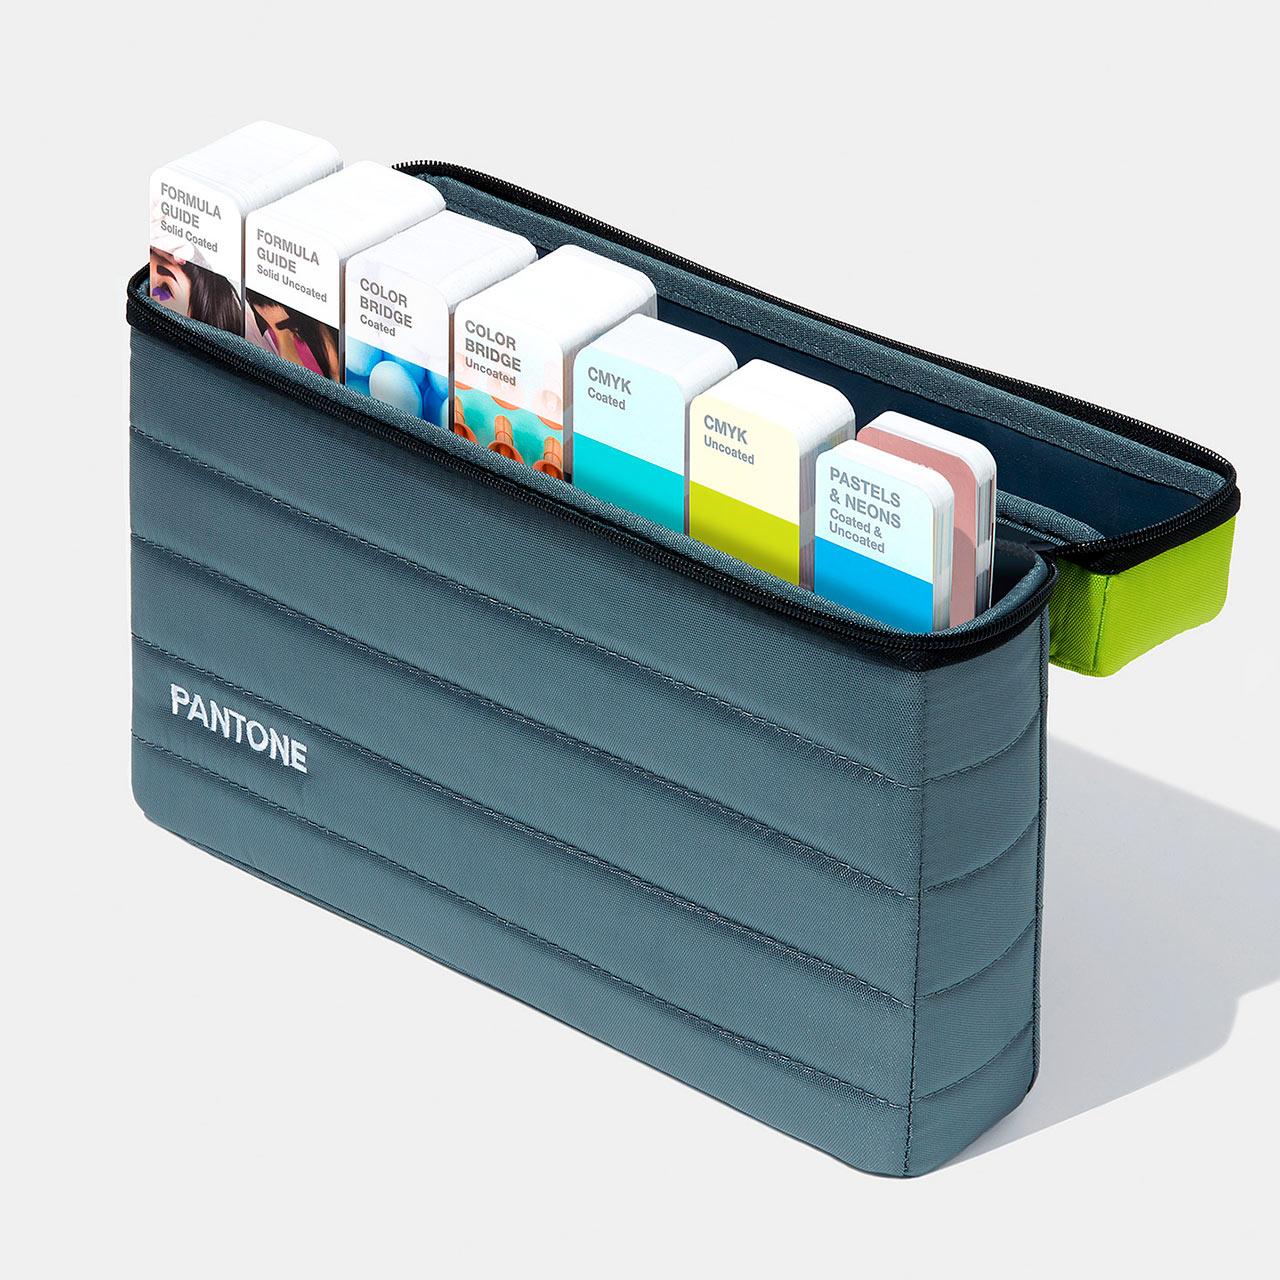 GPG304M - Portable Guide Studio